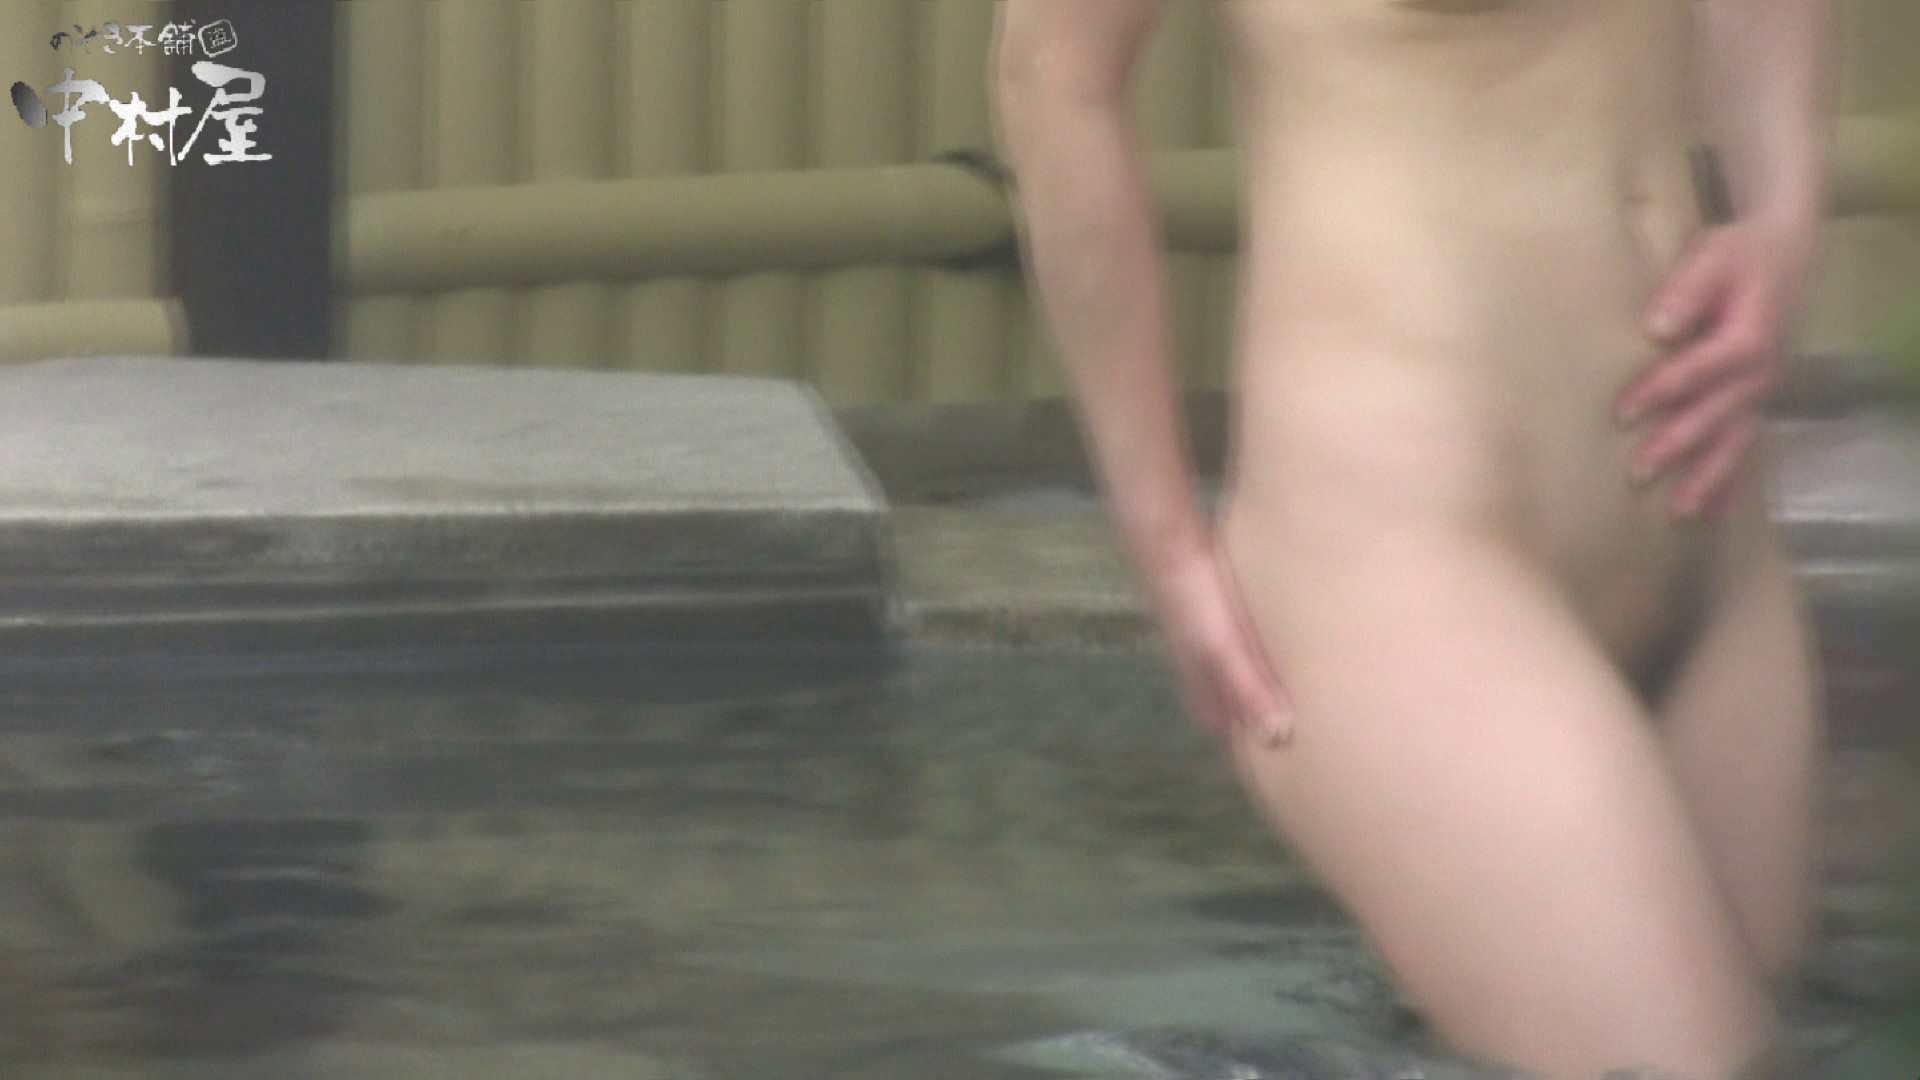 Aquaな露天風呂Vol.927 OLのエロ生活 | 盗撮  89連発 85